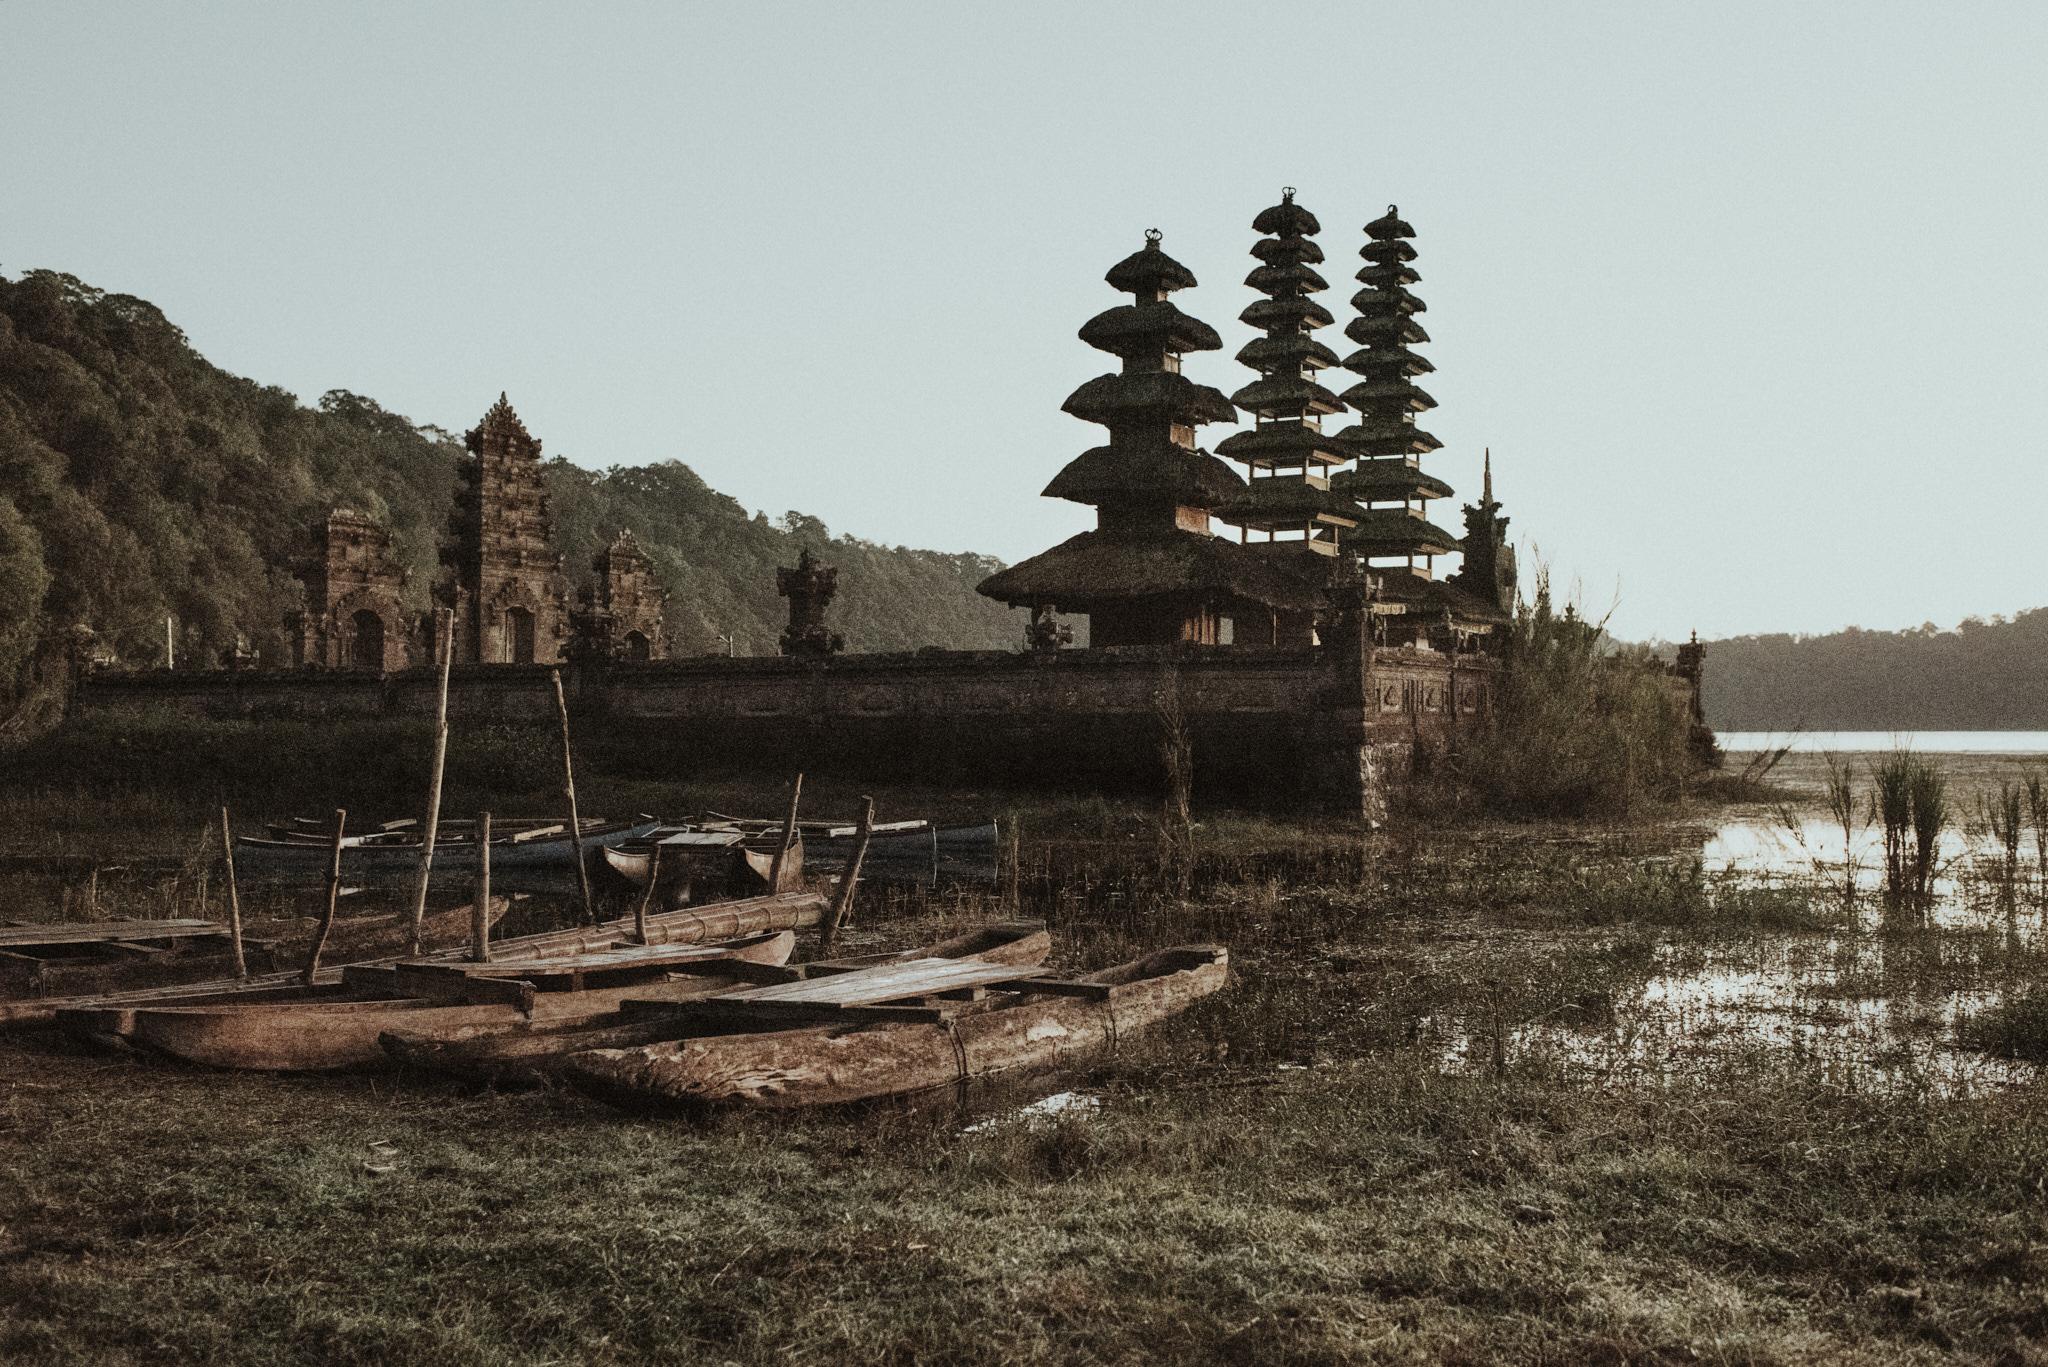 Lake Tamblingan - 6 AM